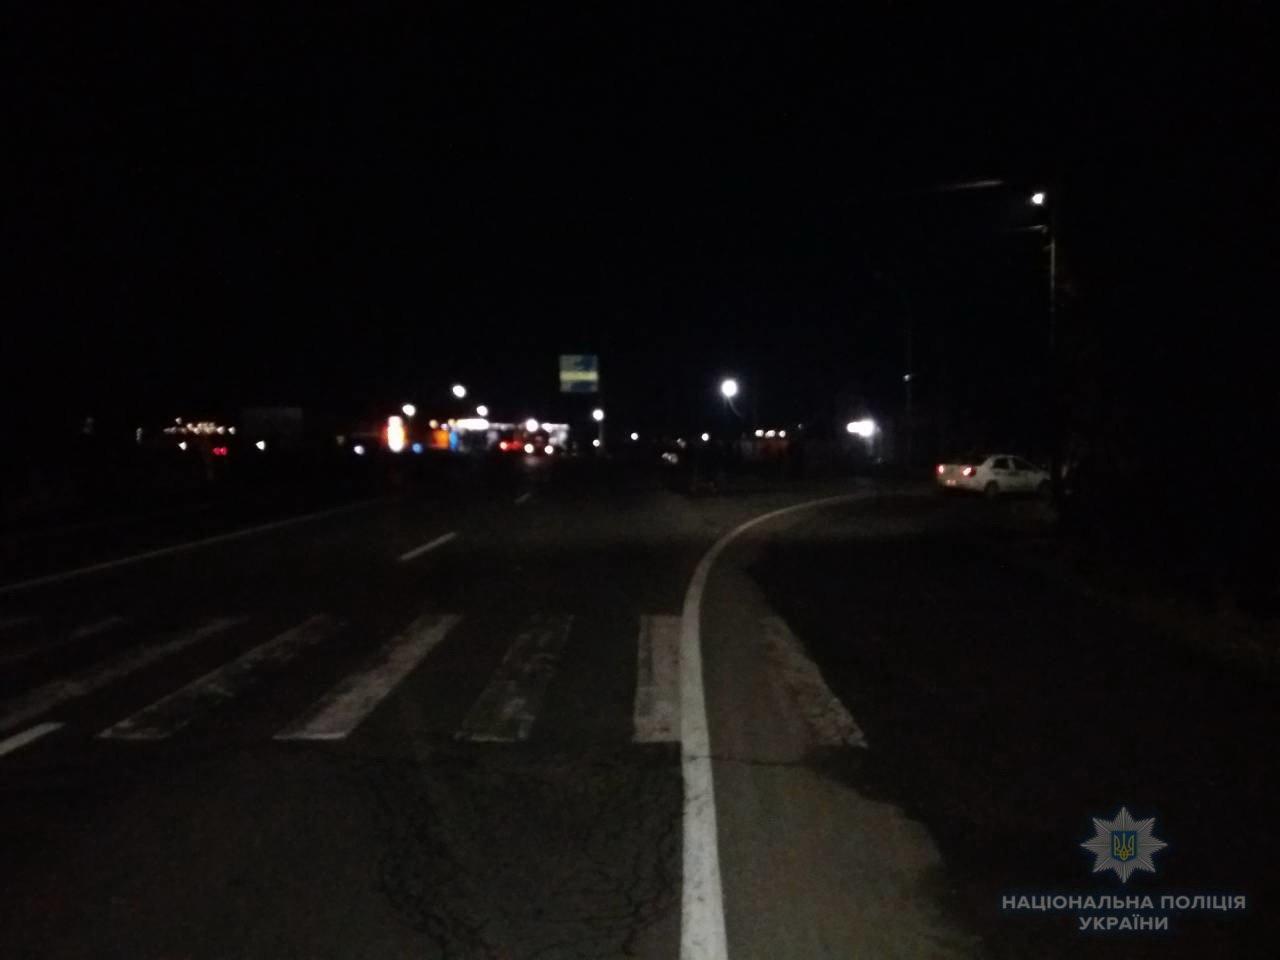 """На трасі у Баранинцях біля Ужгорода """"Мерседес"""" в'їхав у бетонний стовп: від отриманих травм 45-річний водій помер (ФОТО), фото-1"""